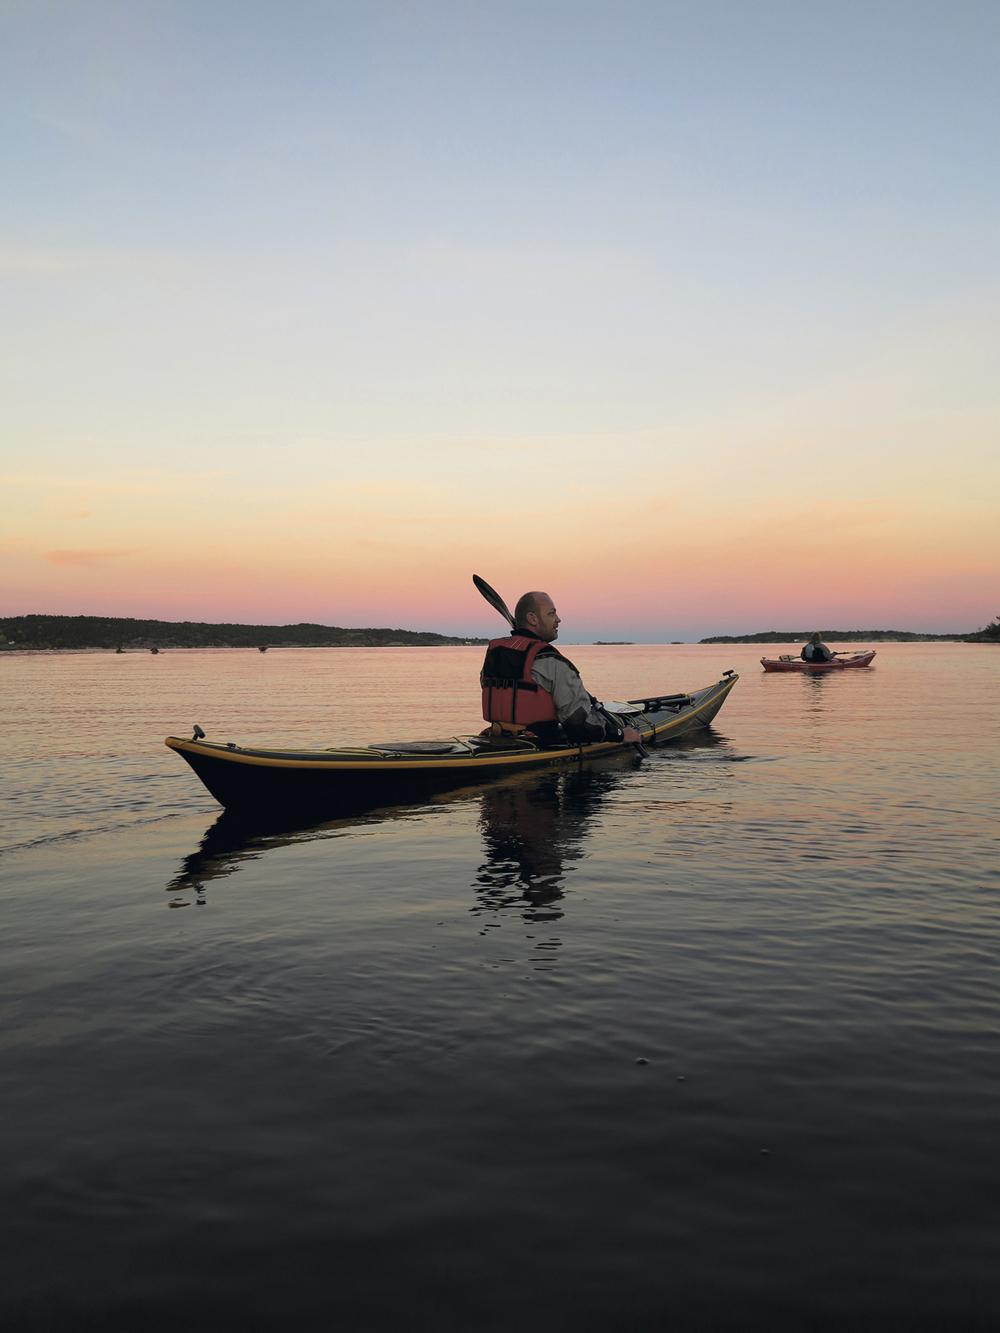 Geir (Helland Persson) og jeg har padlet mye sammen. Han er proff, jeg er amatør, men glad i å padle langt, og gjerne i god sjø.Hobbyen fikk helt klart en ny dimensjon da vi dro påærfugljakt utenfor Risør.